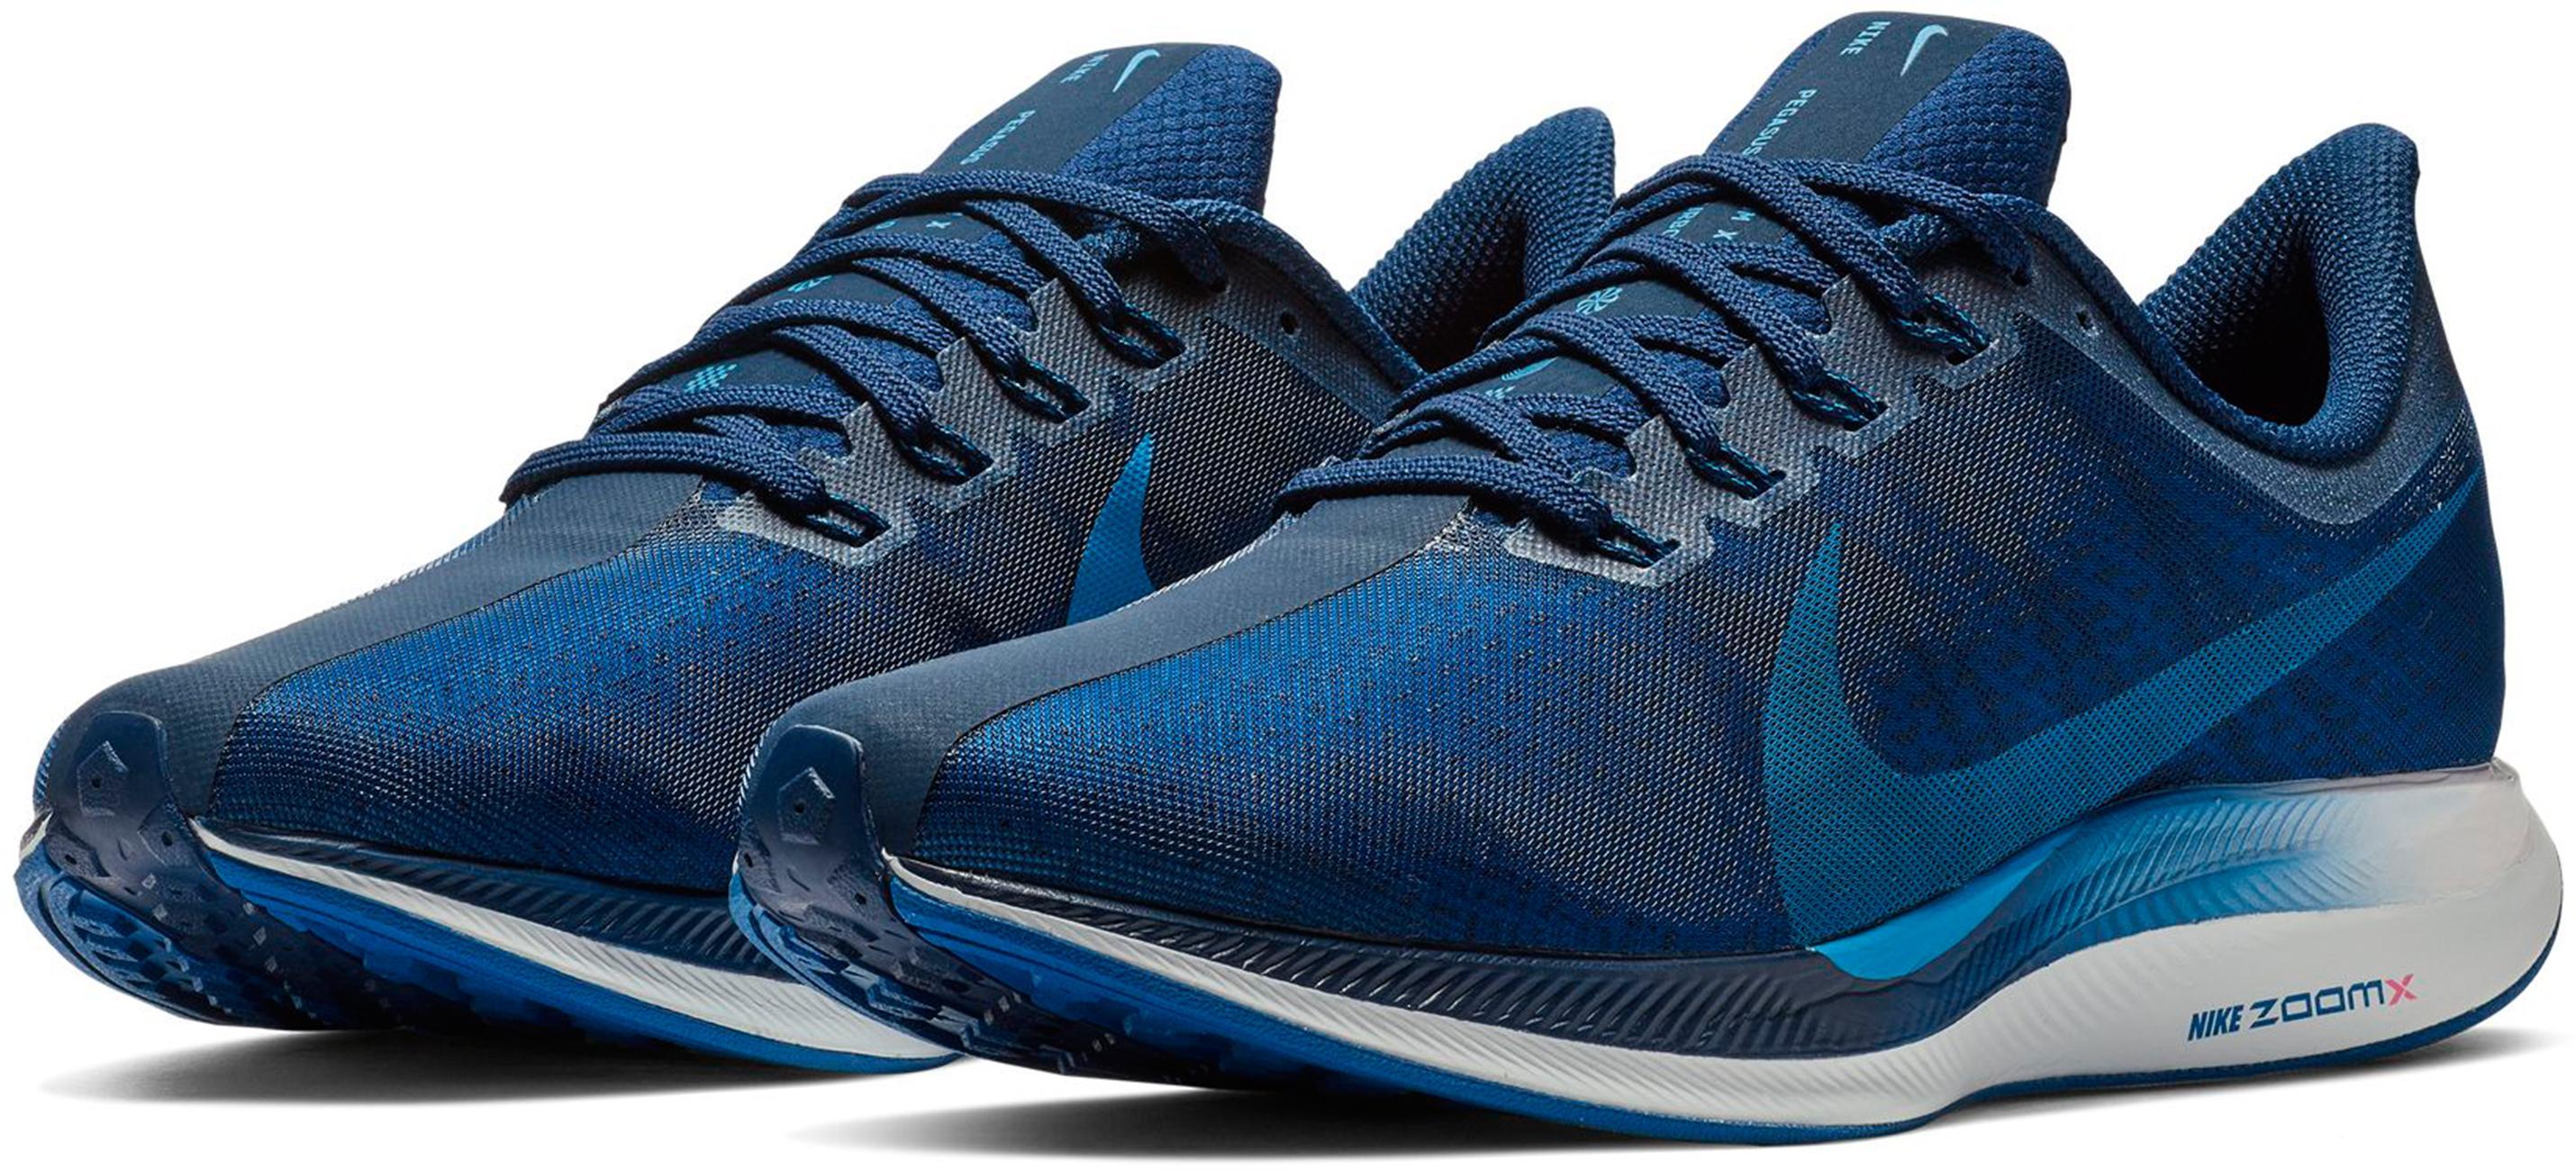 Nike Blue Orbit Sportscheck Im Turbo Herren White Shop Force Zoom Online Photo Pegasus Indigo Laufschuhe Void Red Von 35 Kaufen WE2eHD9IYb